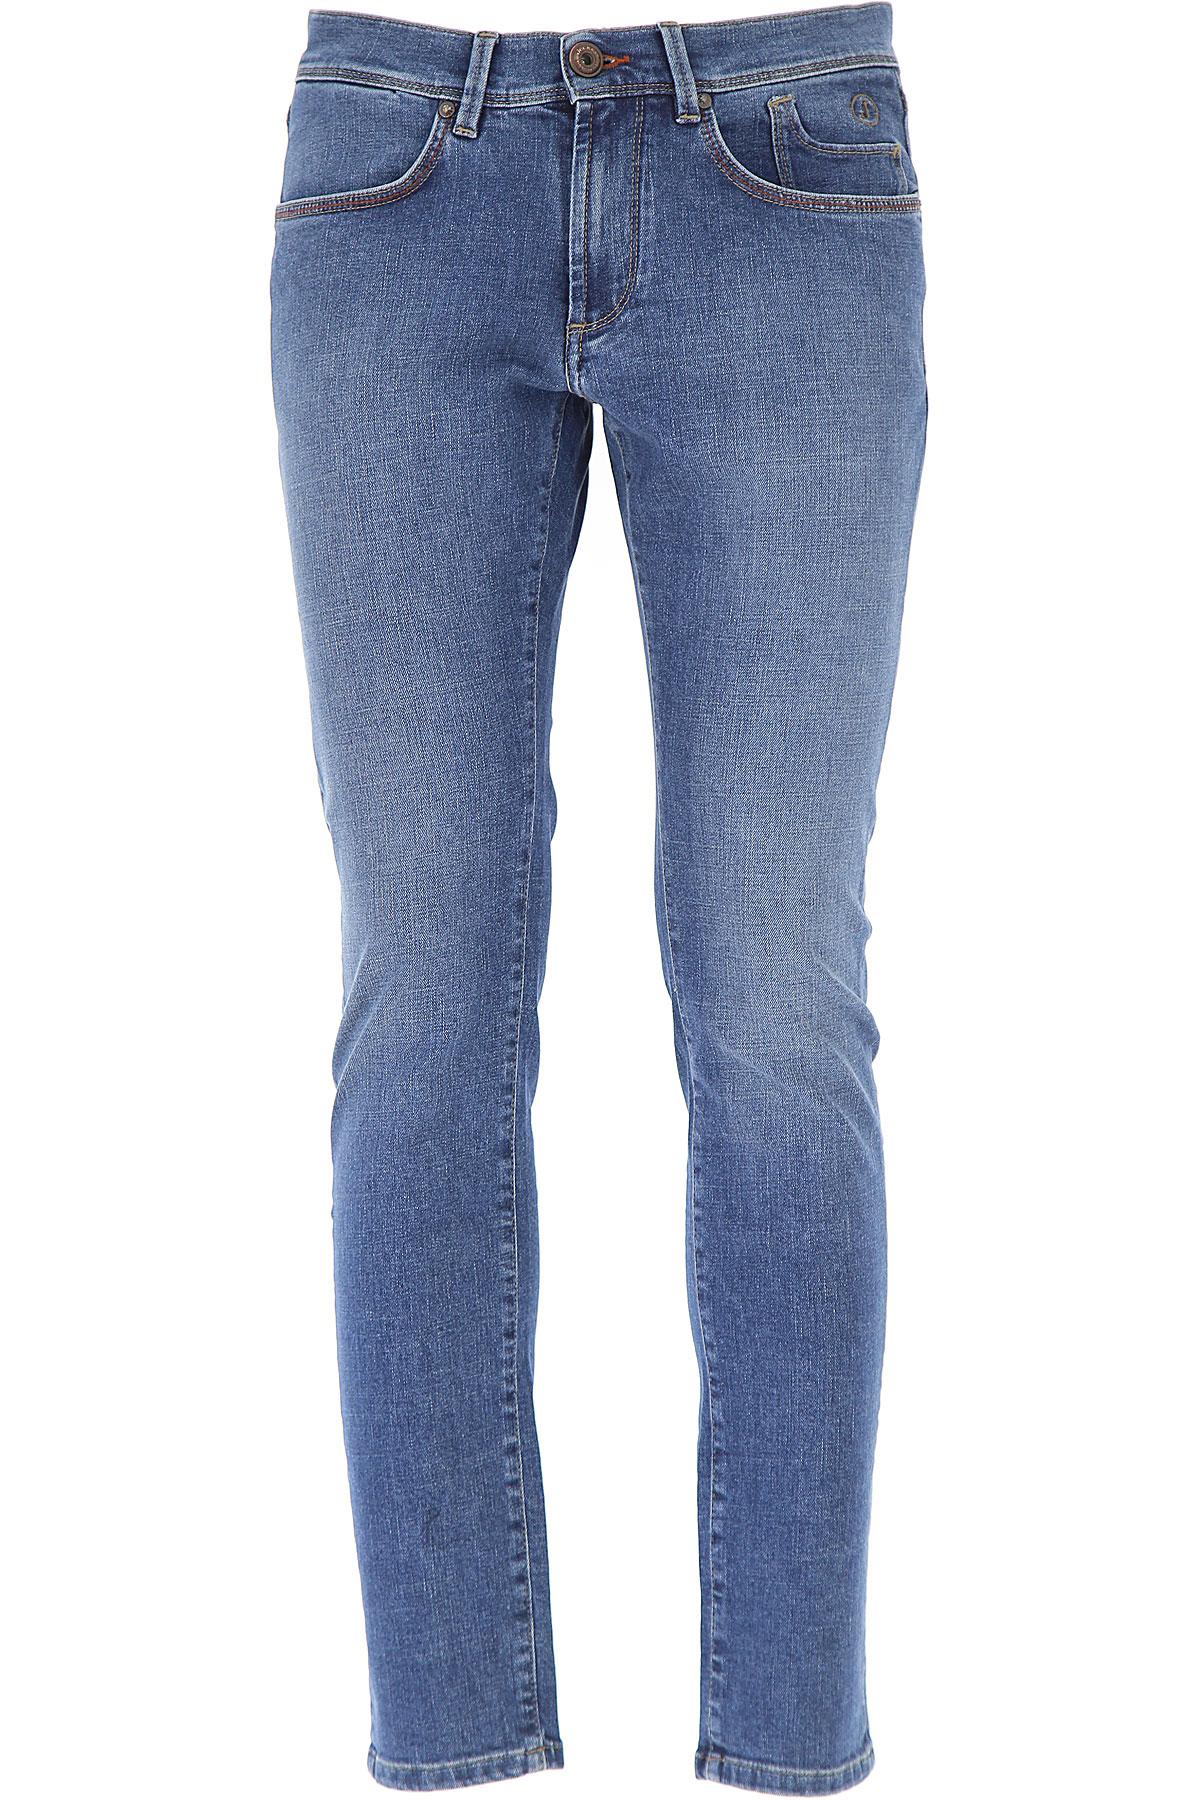 Image of Jeckerson Jeans, Blue Denim, Cotton, 2017, 30 31 32 33 34